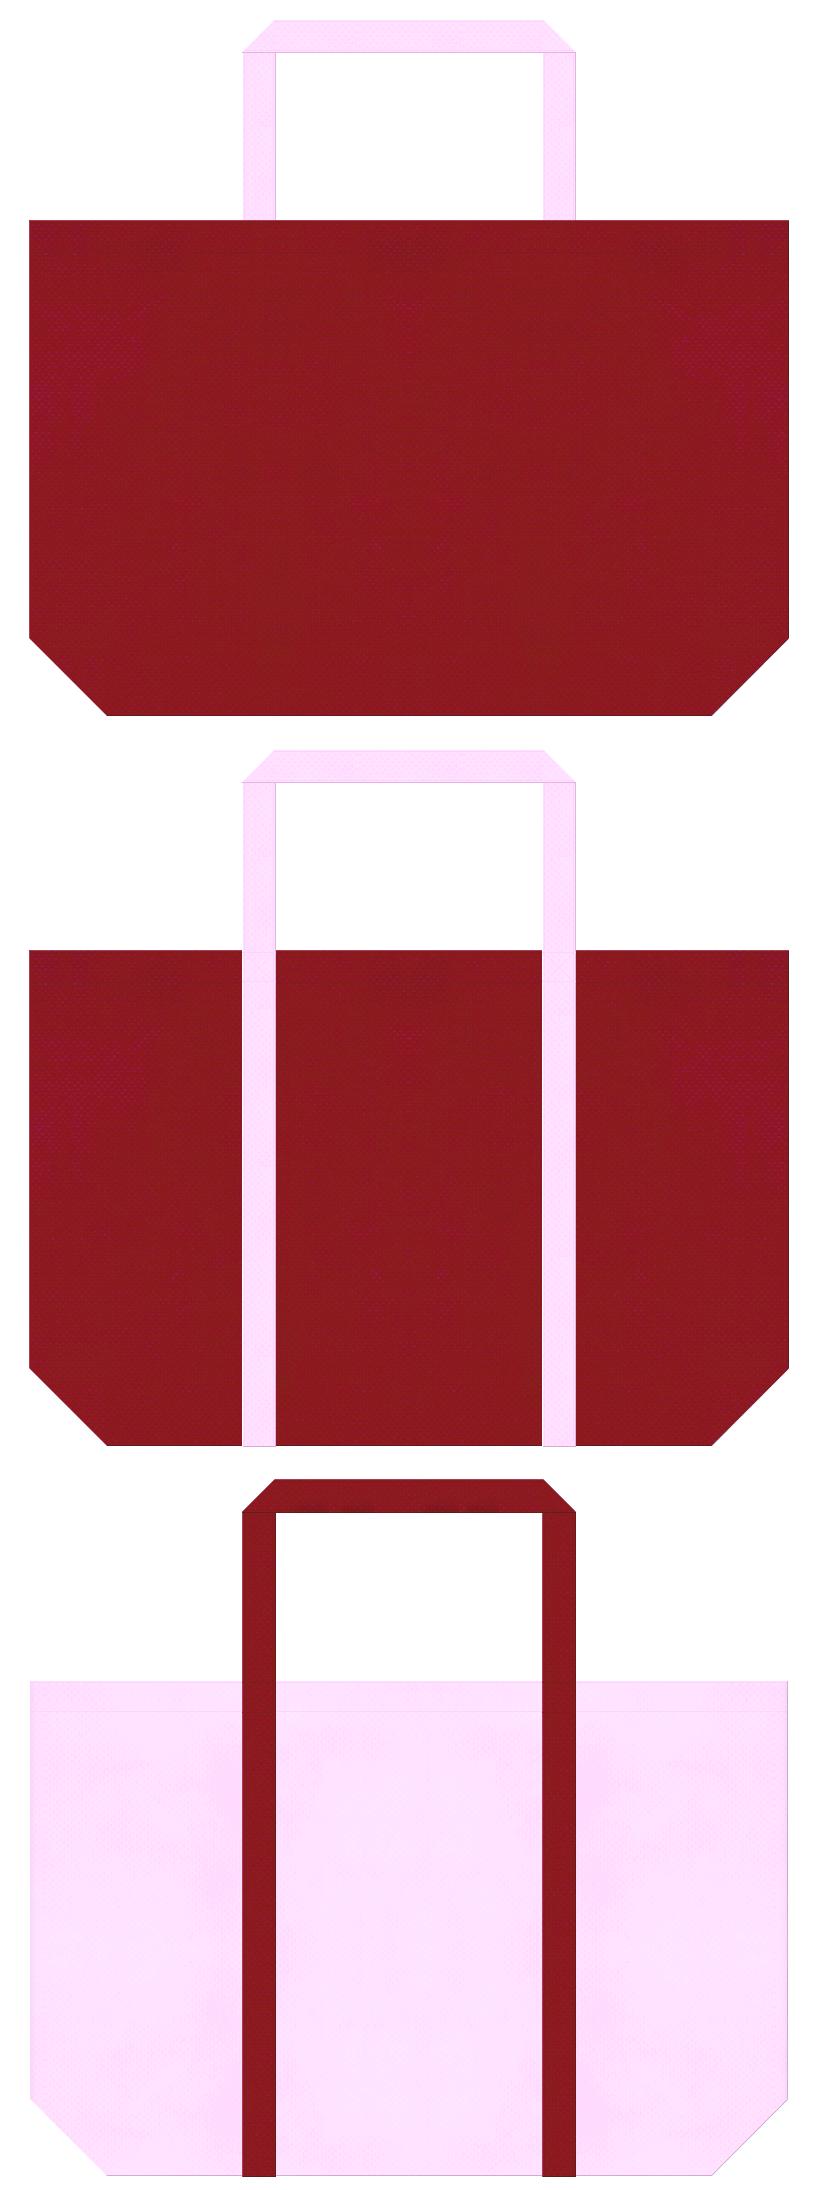 着物・振袖・お花見・成人式・ひな祭り・学校・写真館・和雑貨・和風催事・慶事・お正月・ガーリーデザインの福袋にお奨め:エンジ色と明るいピンク色の不織布ショッピングバッグのデザイン